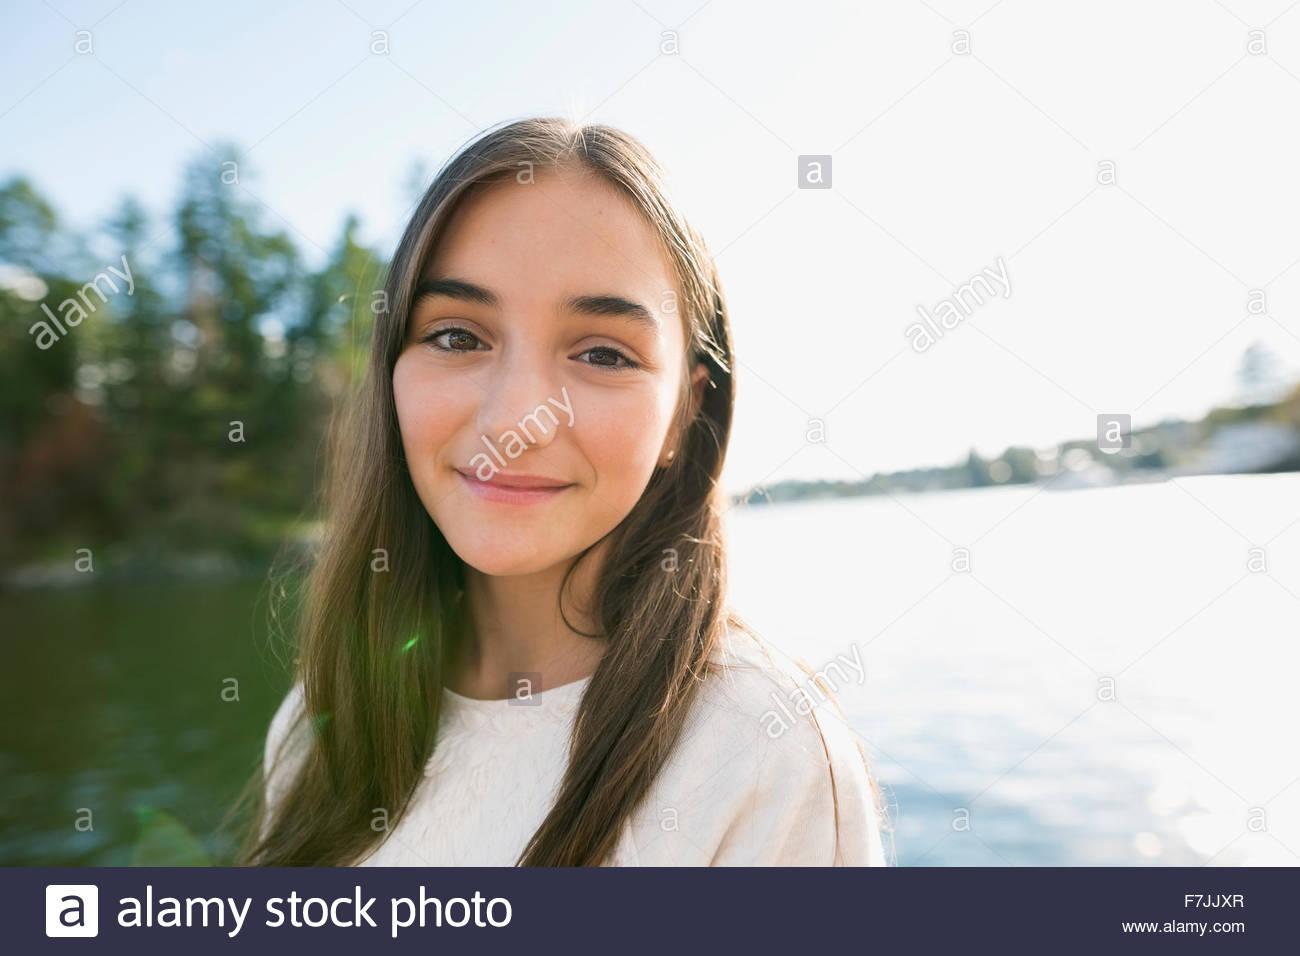 Portrait smiling brunette girl at lakeside - Stock Image